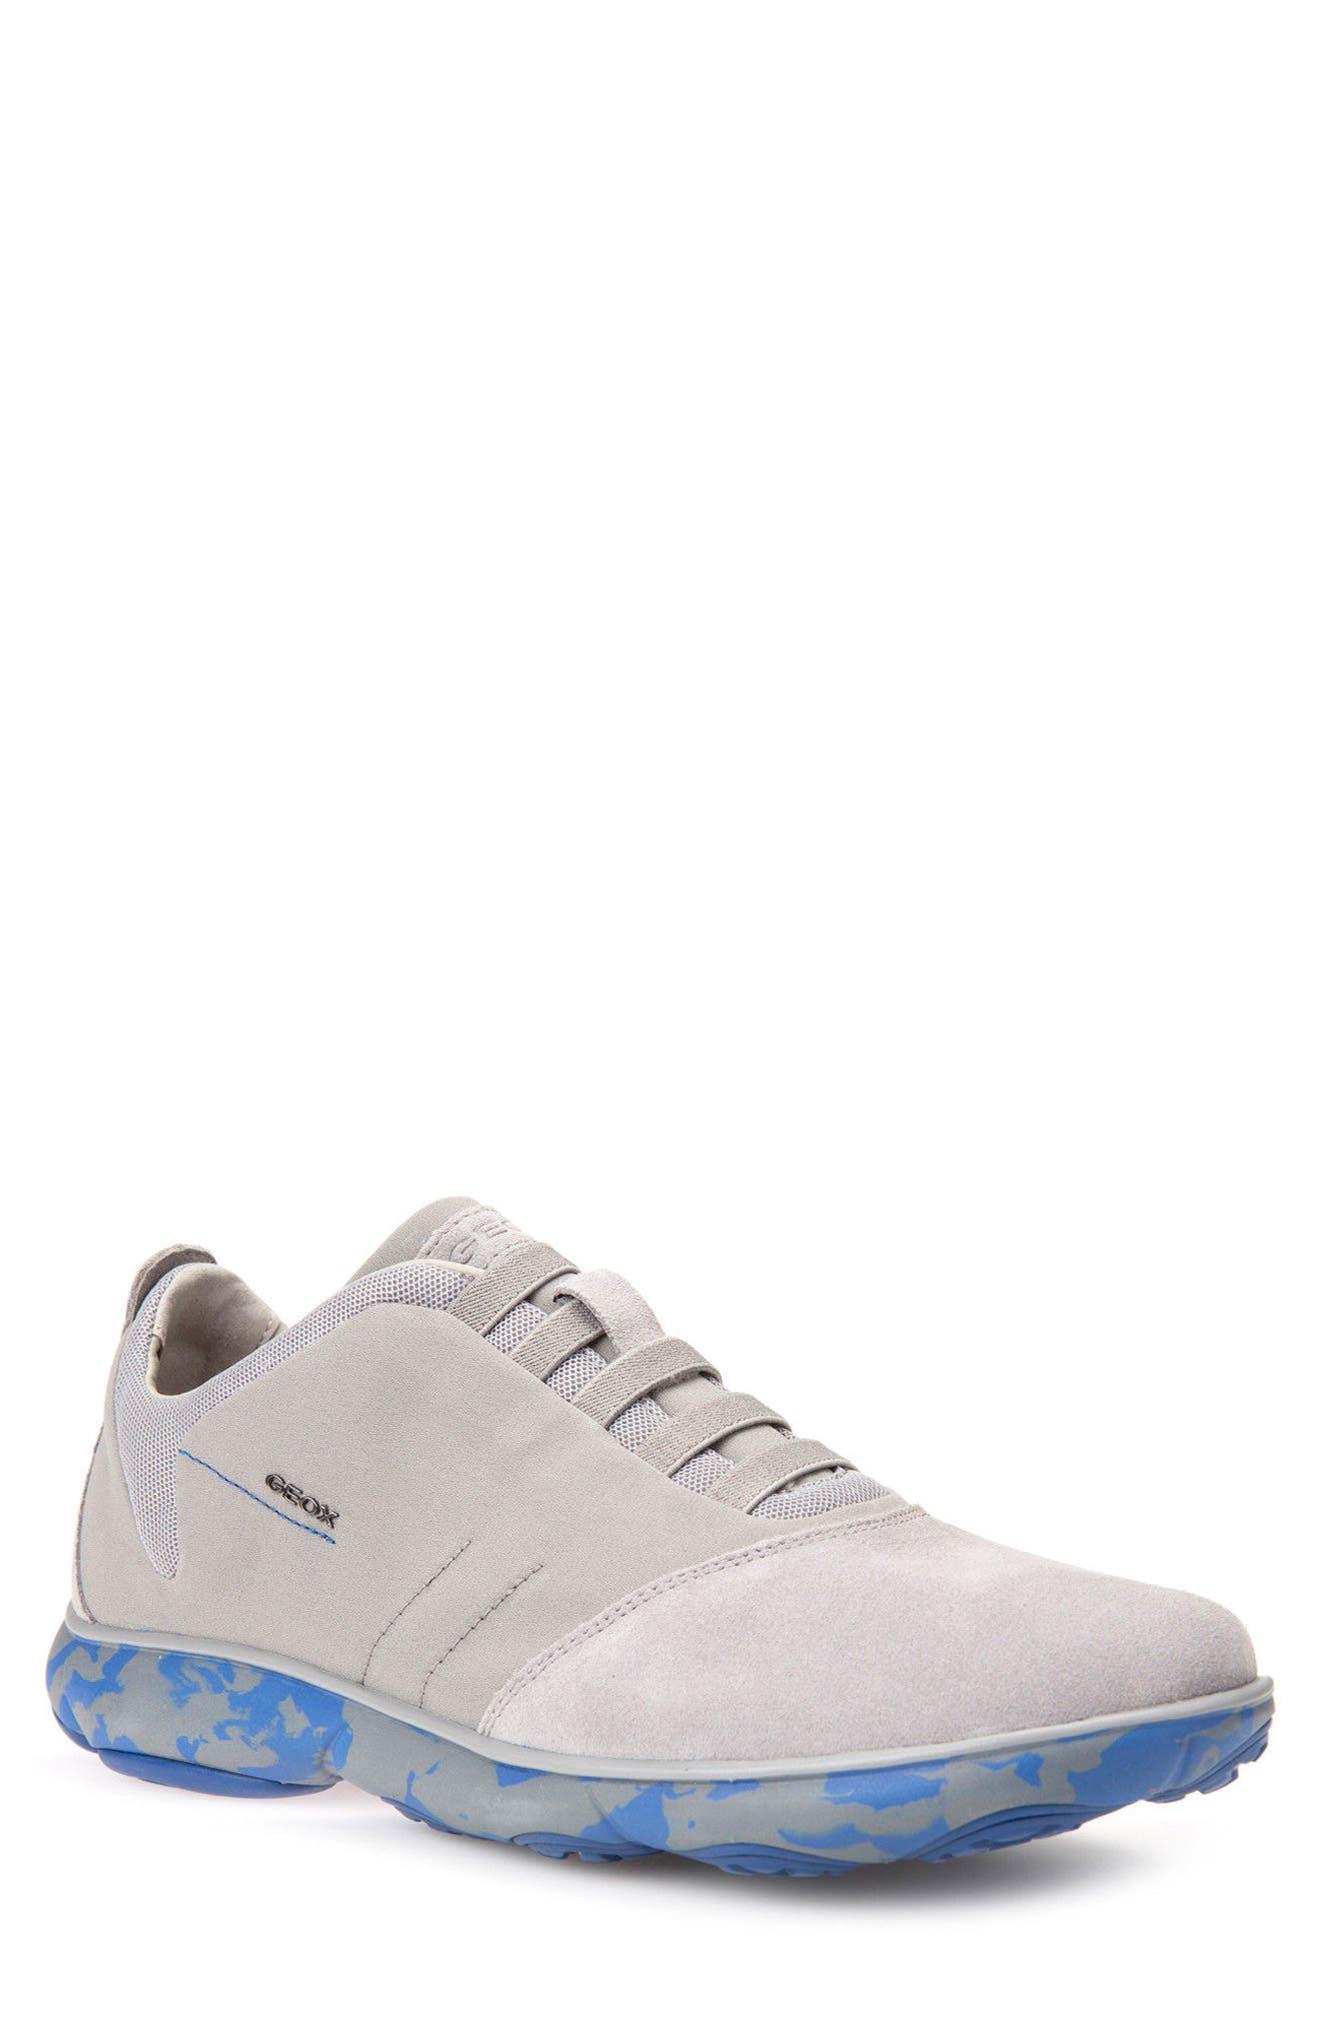 'Nebula 17' Slip-On Sneaker,                             Main thumbnail 1, color,                             STONE/ ROYAL